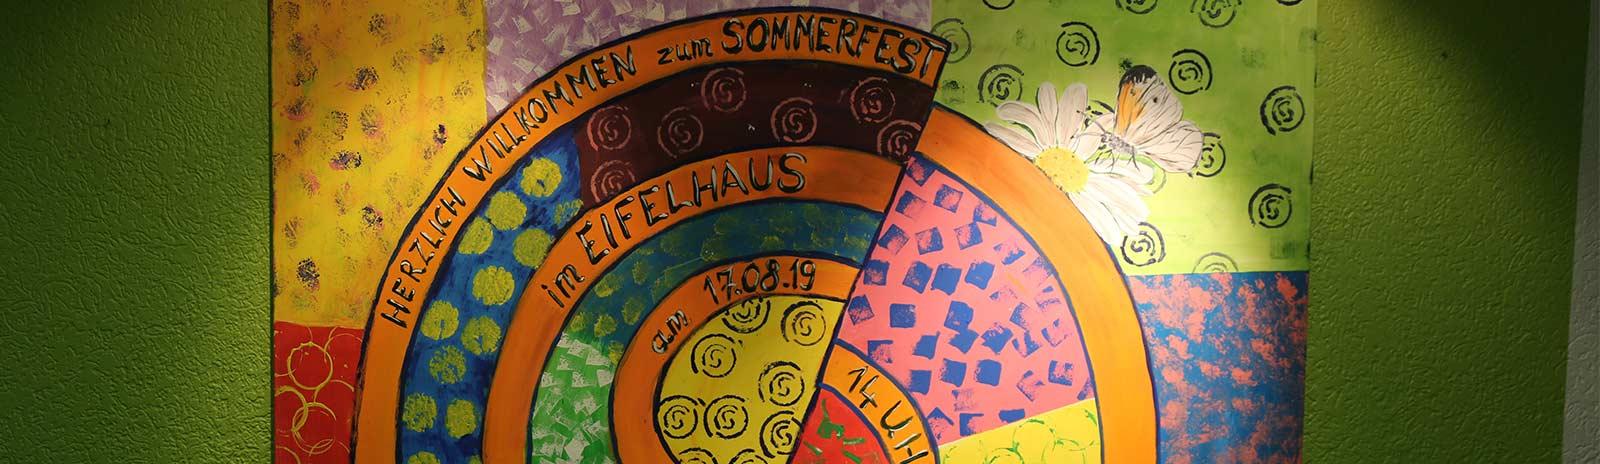 2019_08_17_Eifelhaus_Sommerfest_slider